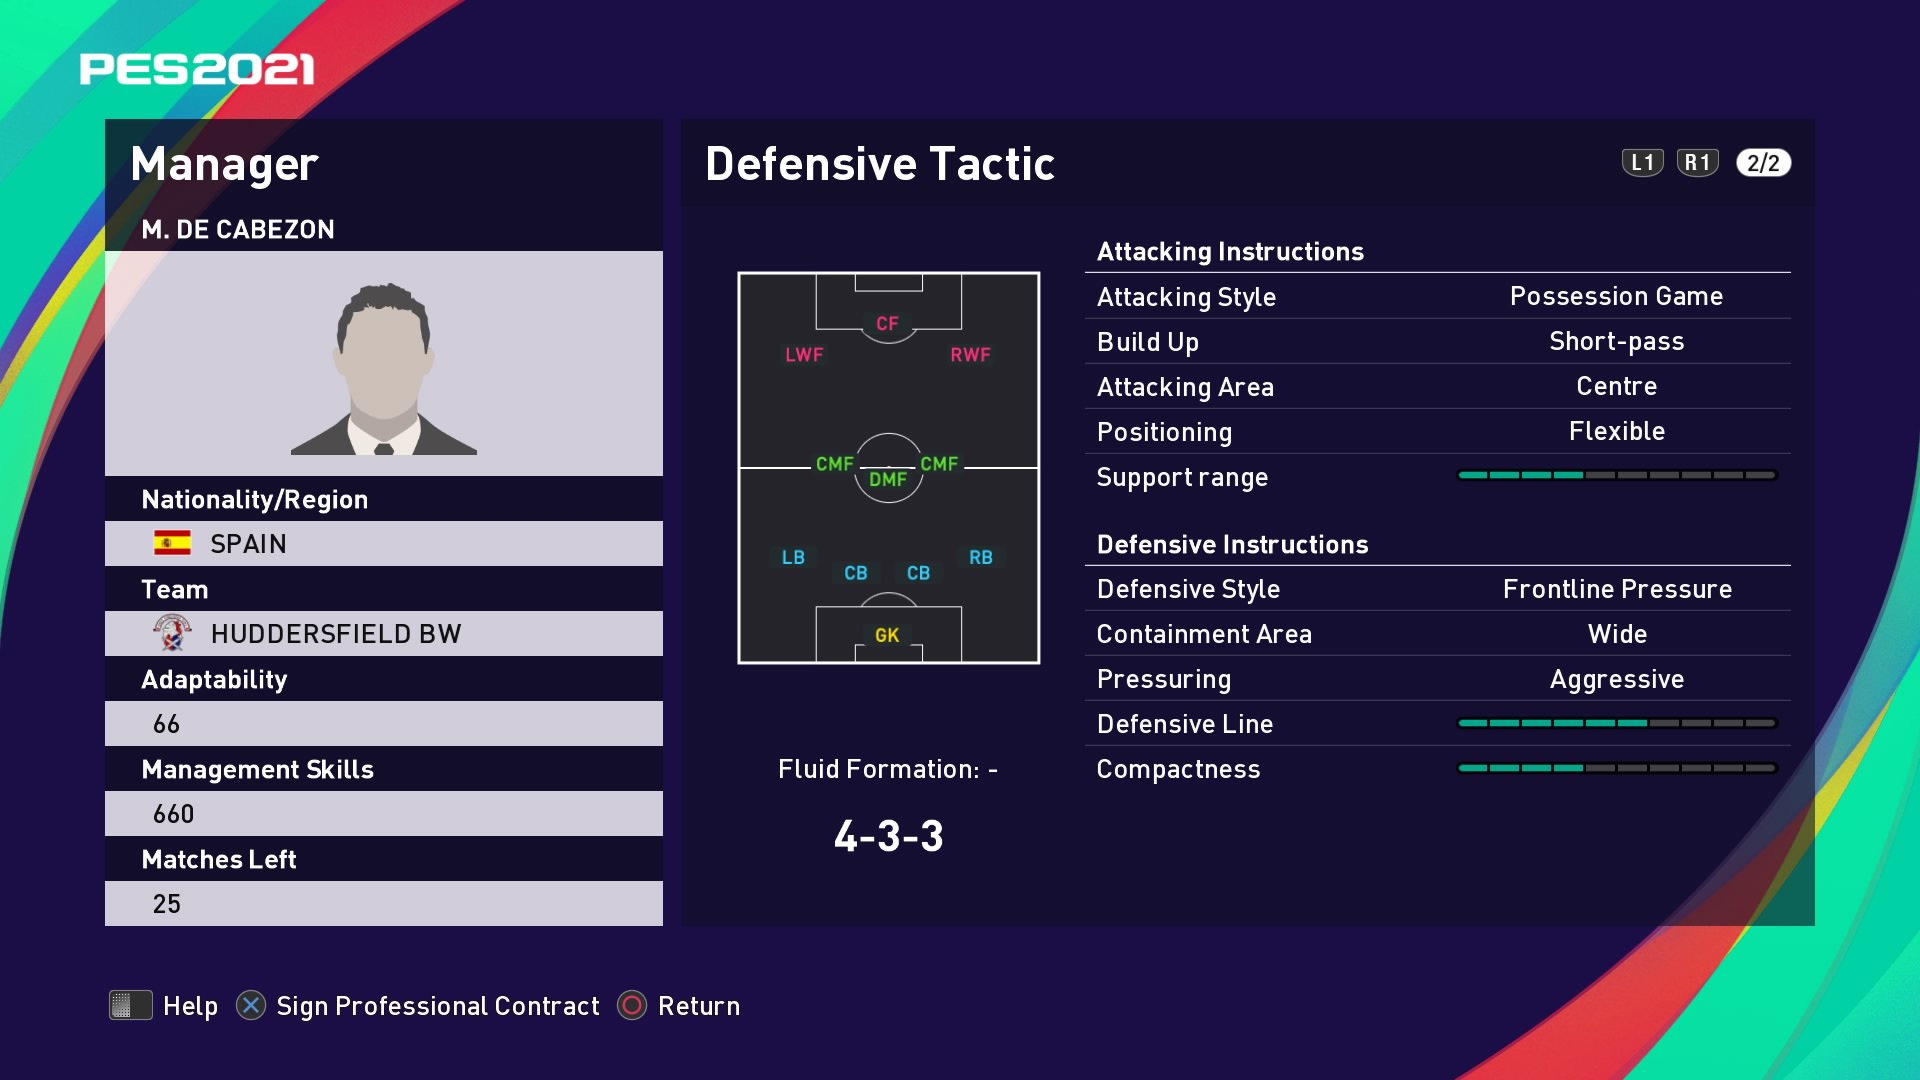 M. De Cabezon (Carlos Corberán) Defensive Tactic in PES 2021 myClub